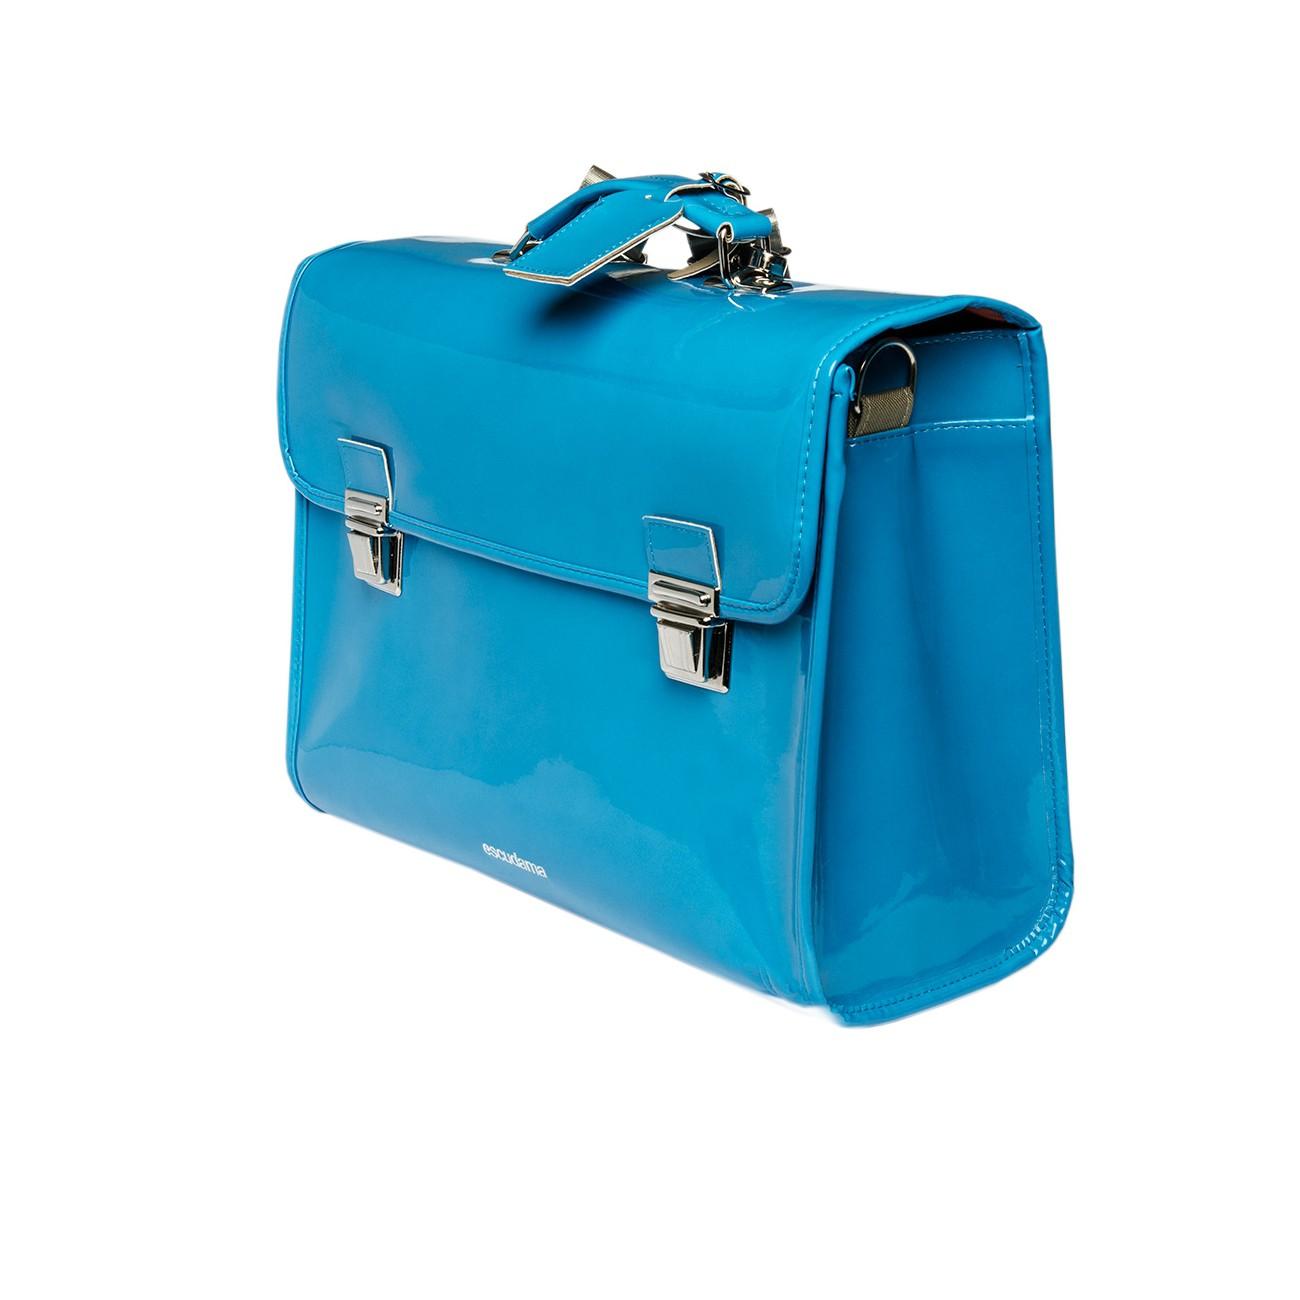 Cartella Turquoise